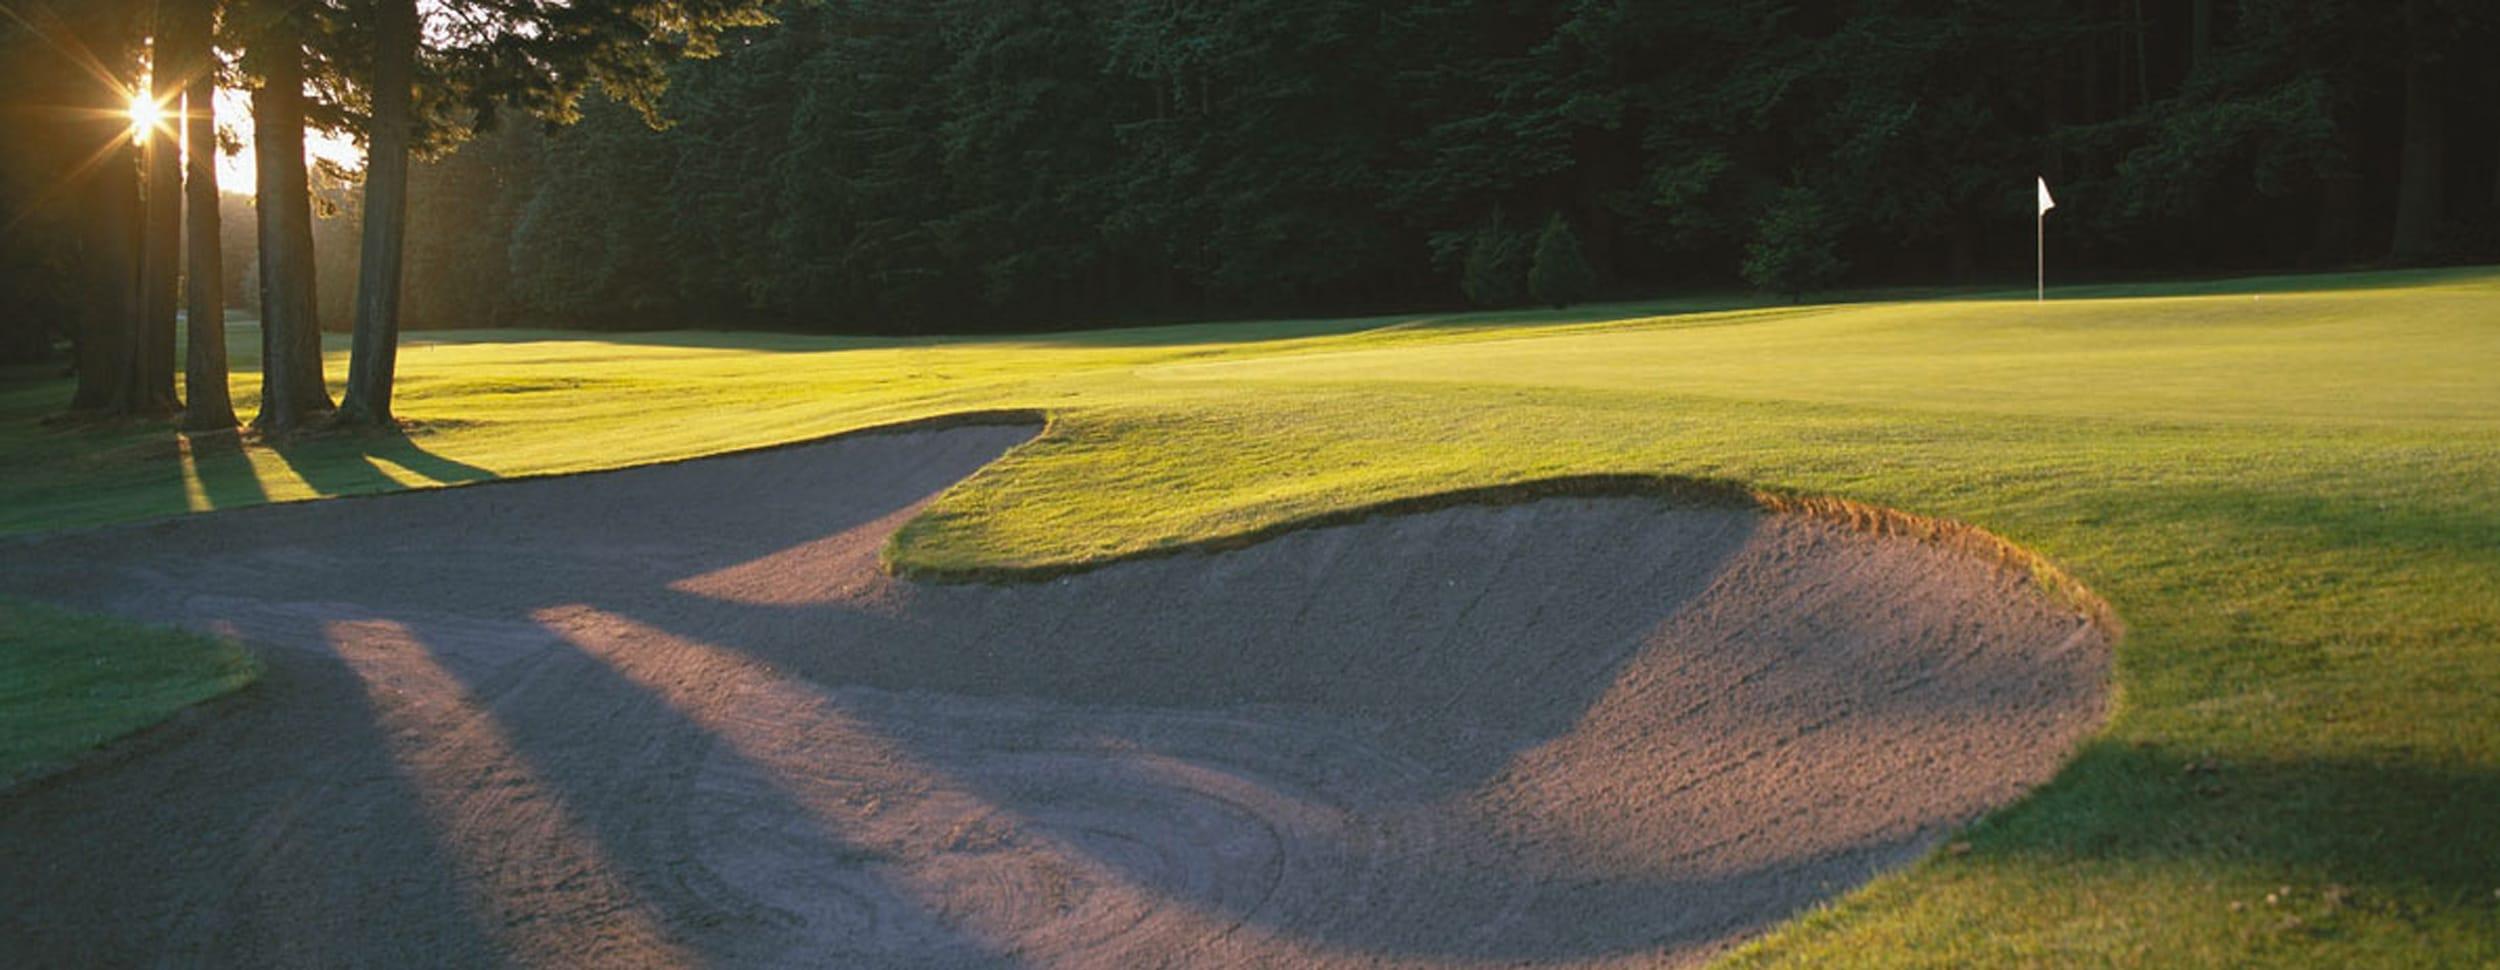 https://musqueamcapital.ca/wp-content/uploads/2018/07/university-golf-header.jpg